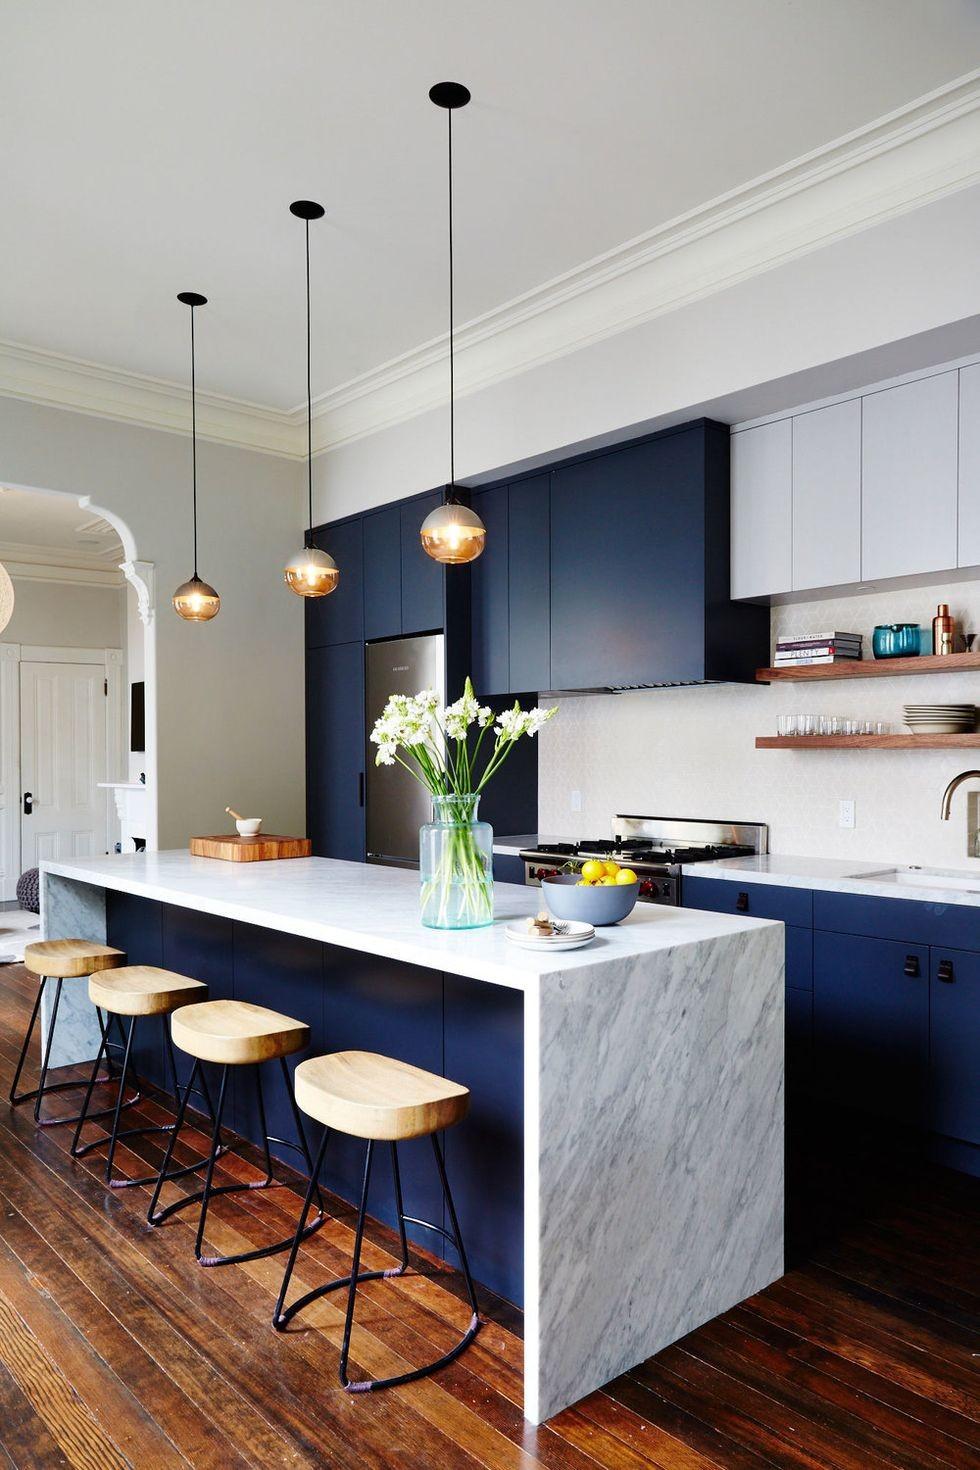 بالصور ديكورات للمطبخ باللون الازرق - المطبخ الأزرق مع الرمادي